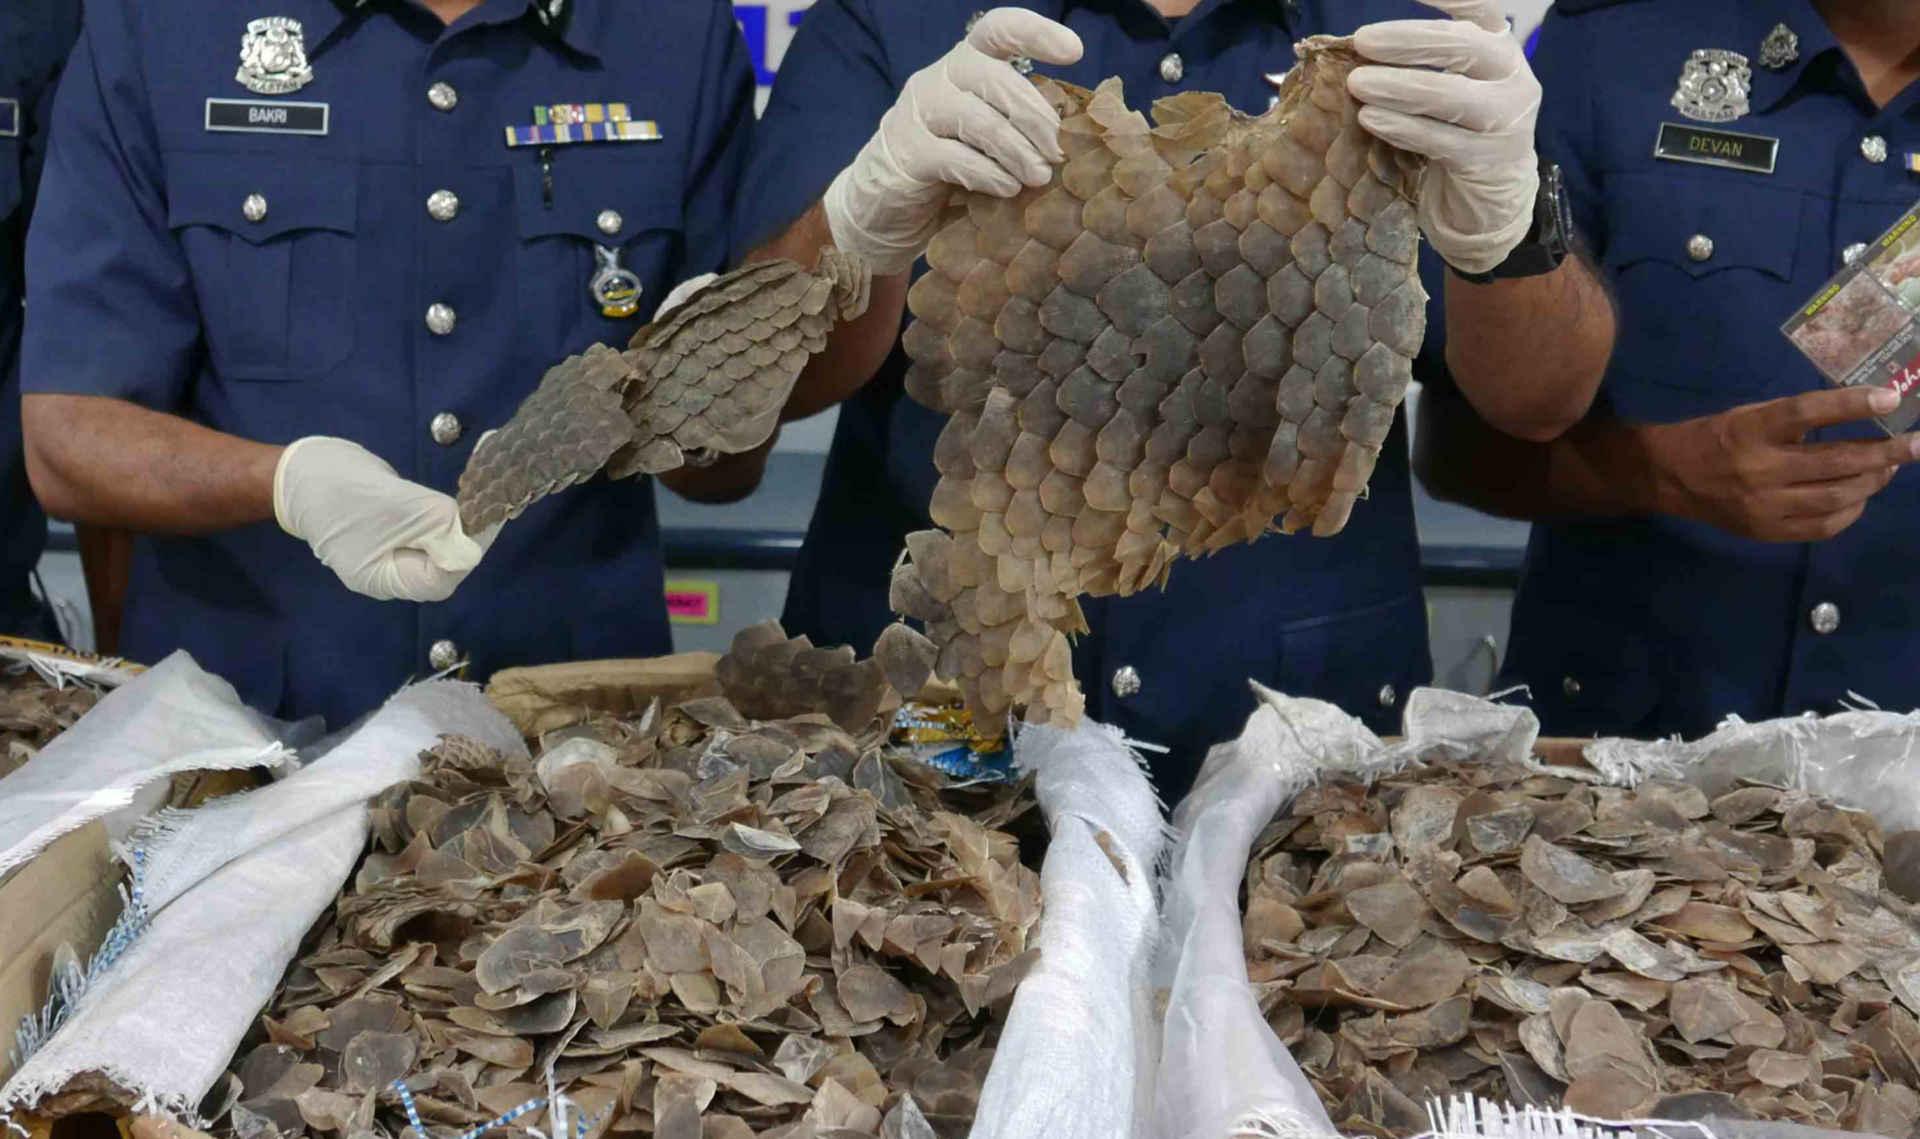 Pangolin Schuppentier: Polizei mit Körben von beschlagnahmten Schuppen